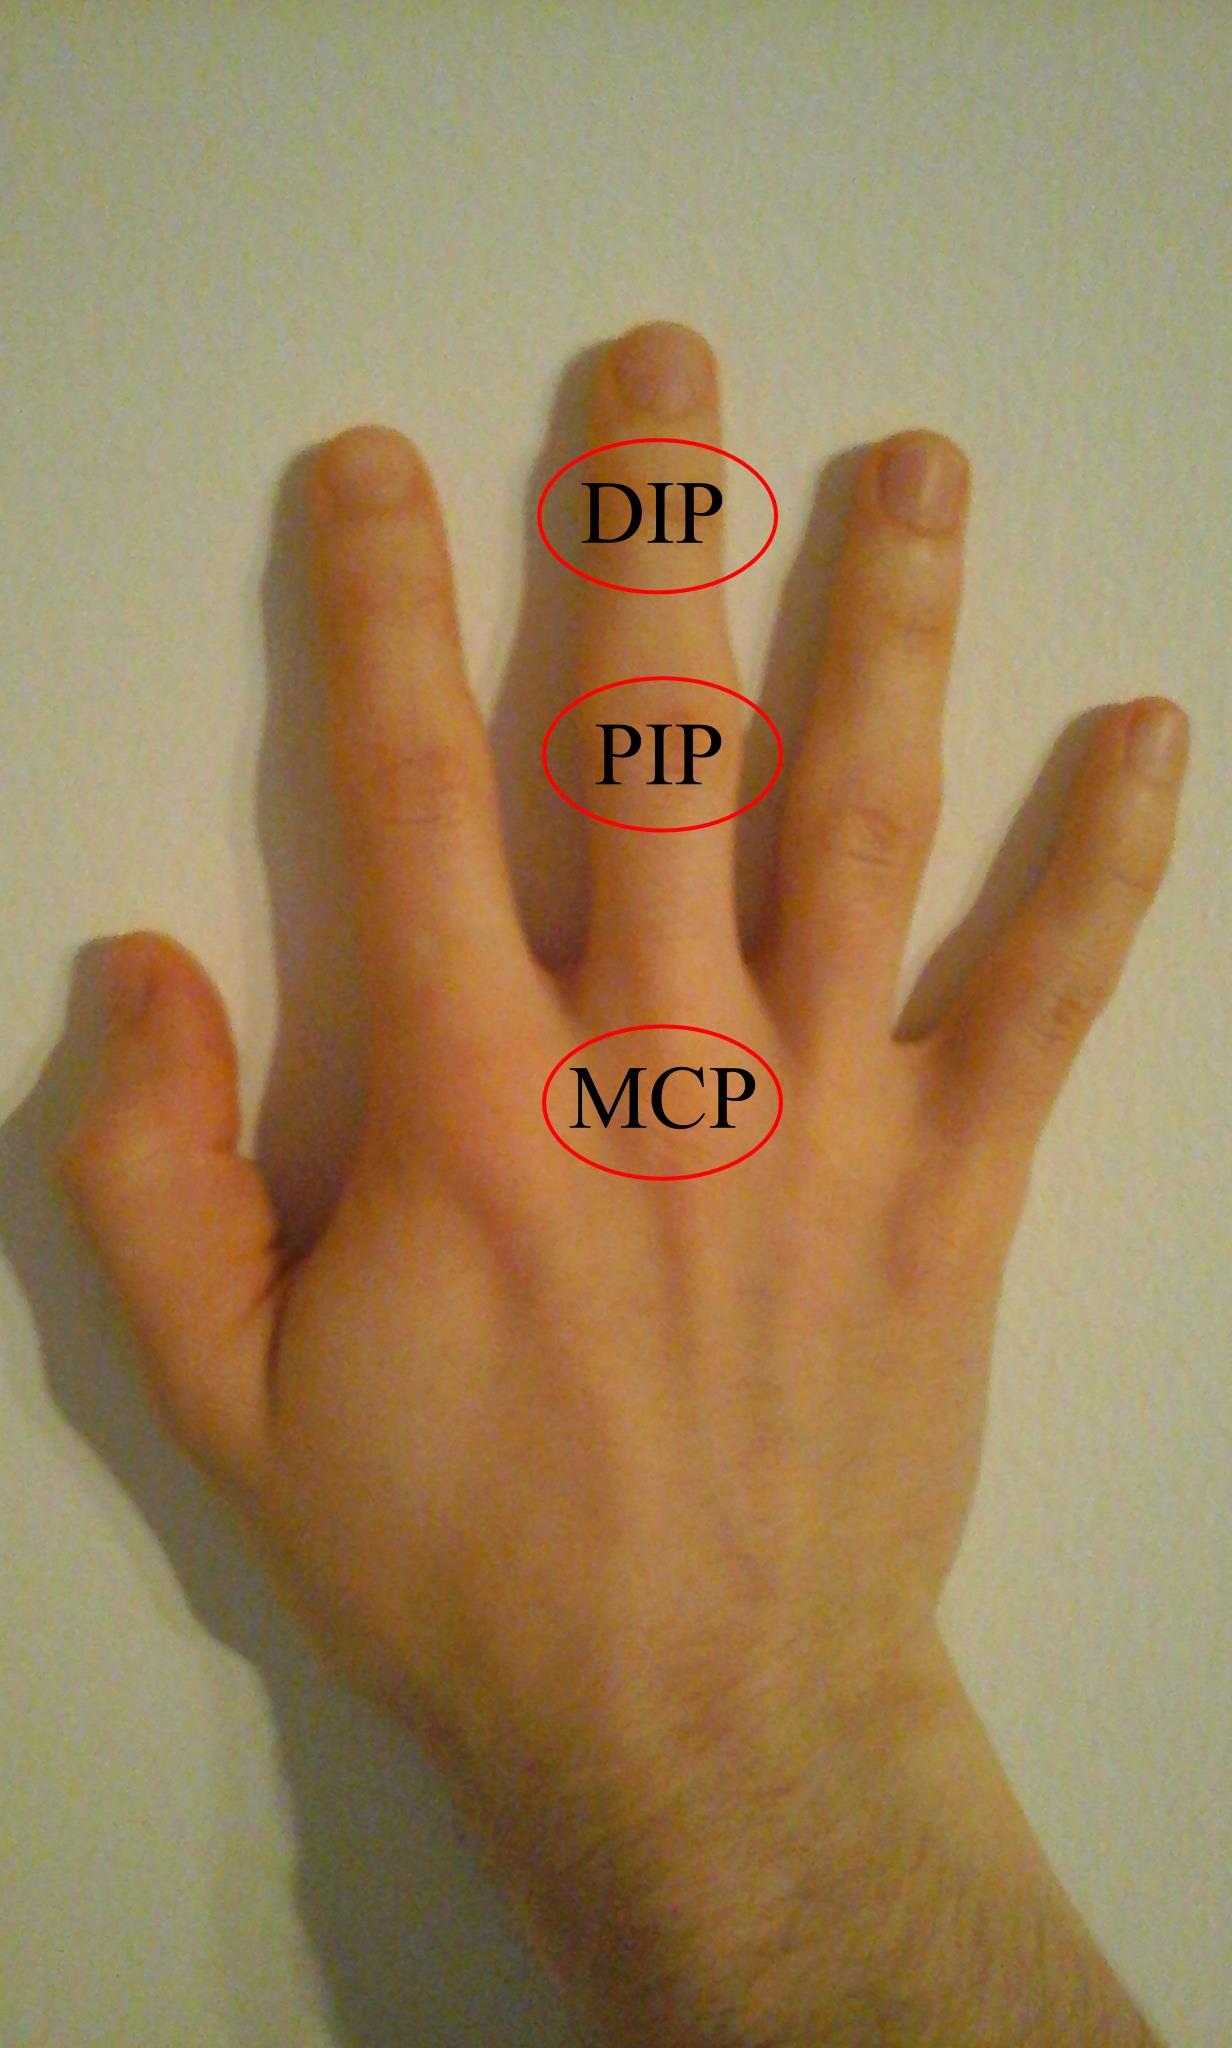 Kéz egy kefével. Interfalangeális és metacarpophalangeális ízületek